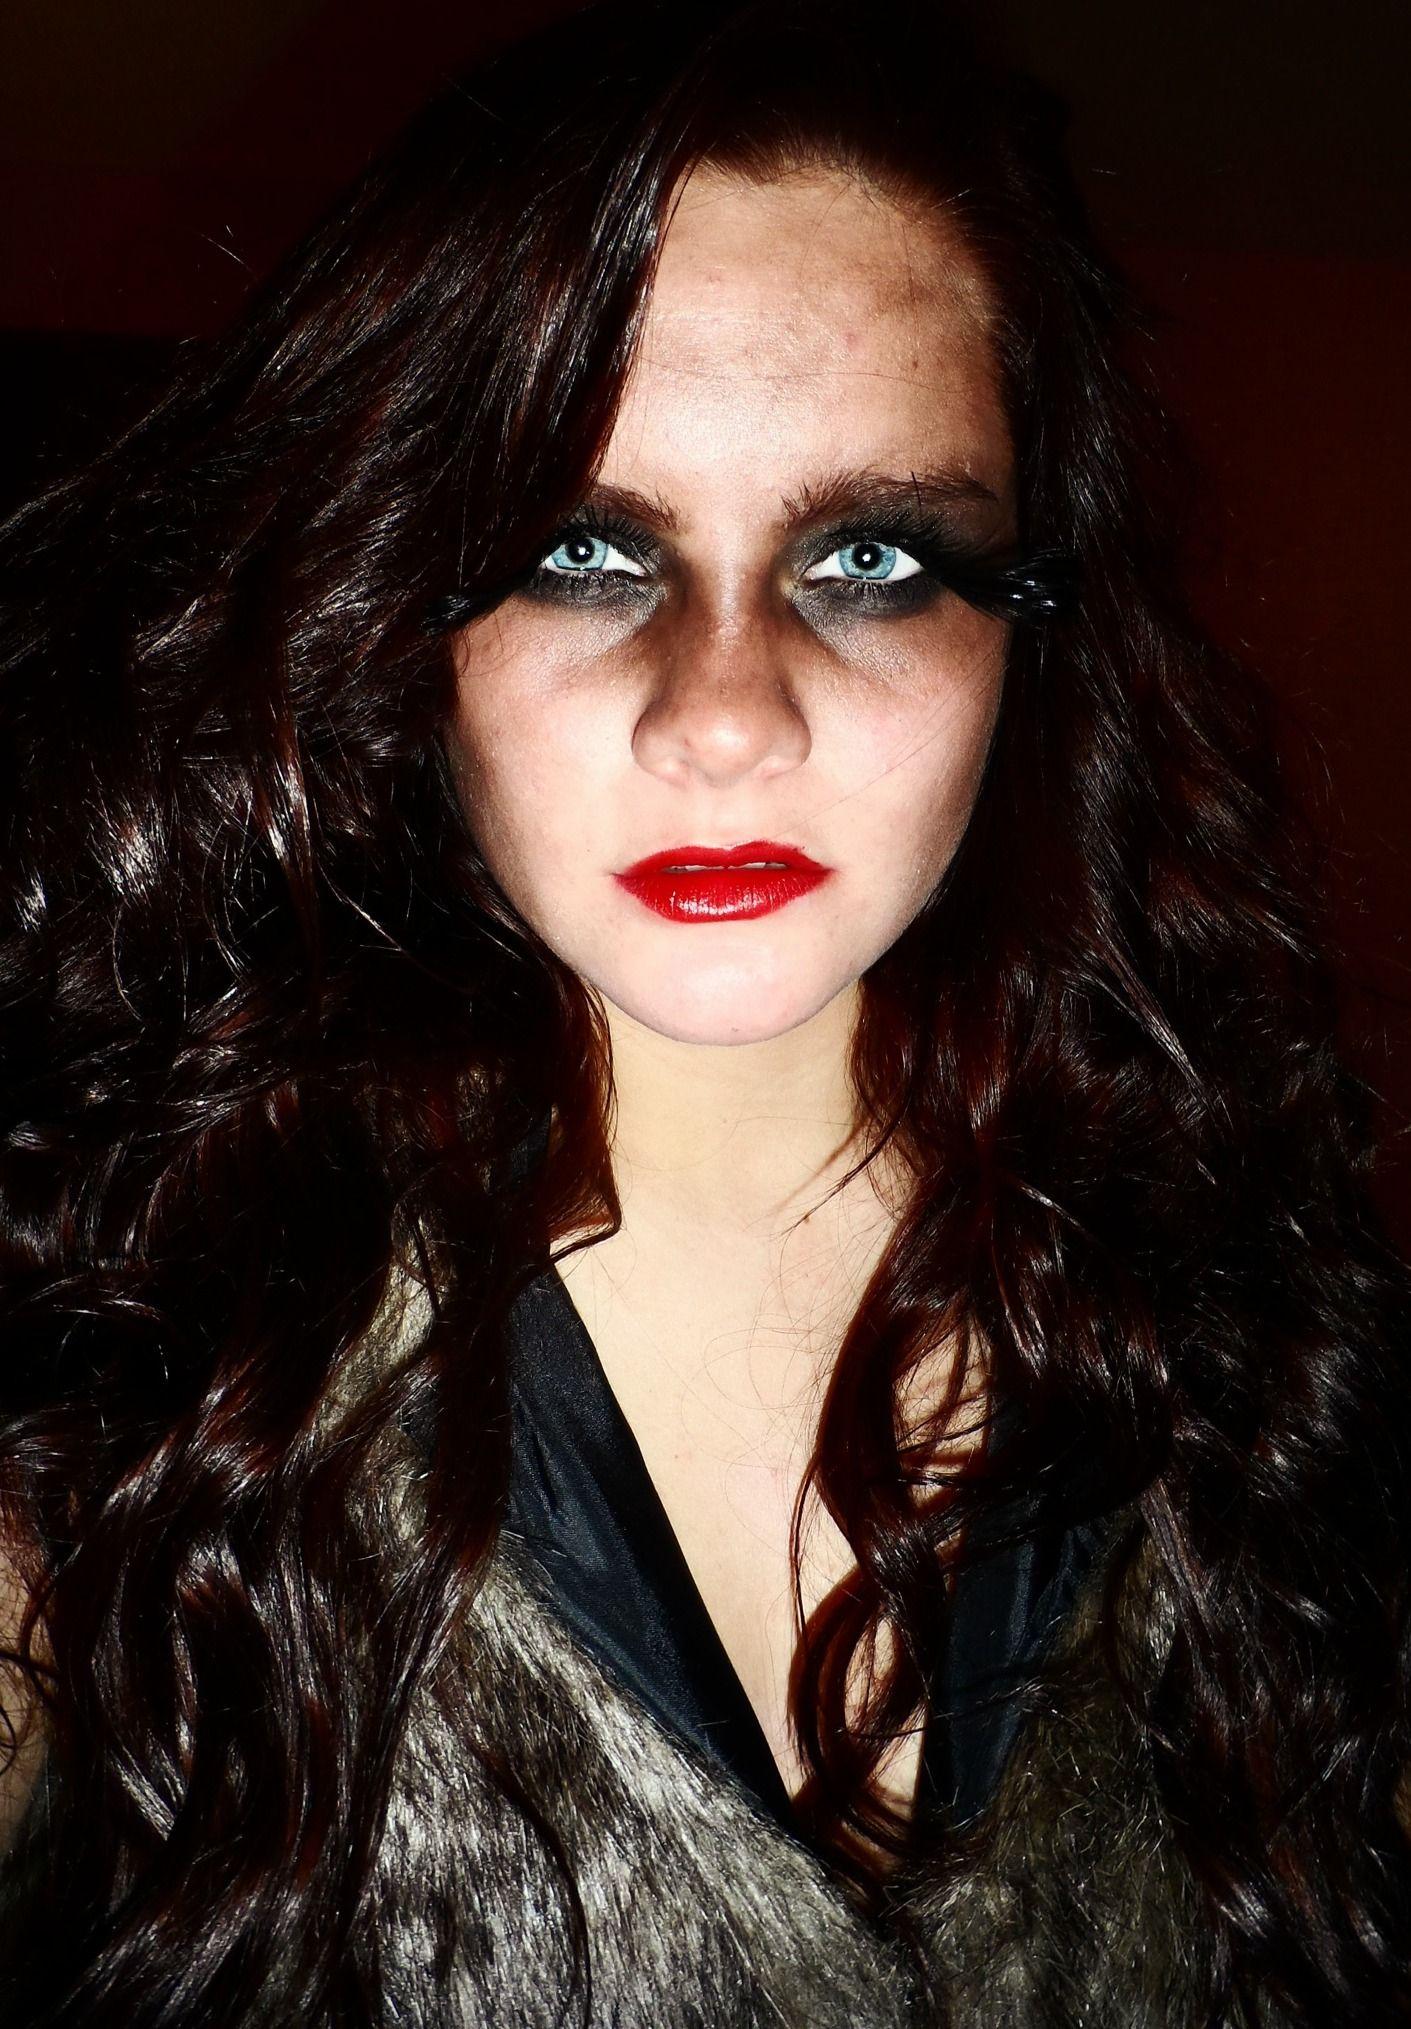 Wolf Werewolf Costume Makeup Favorite